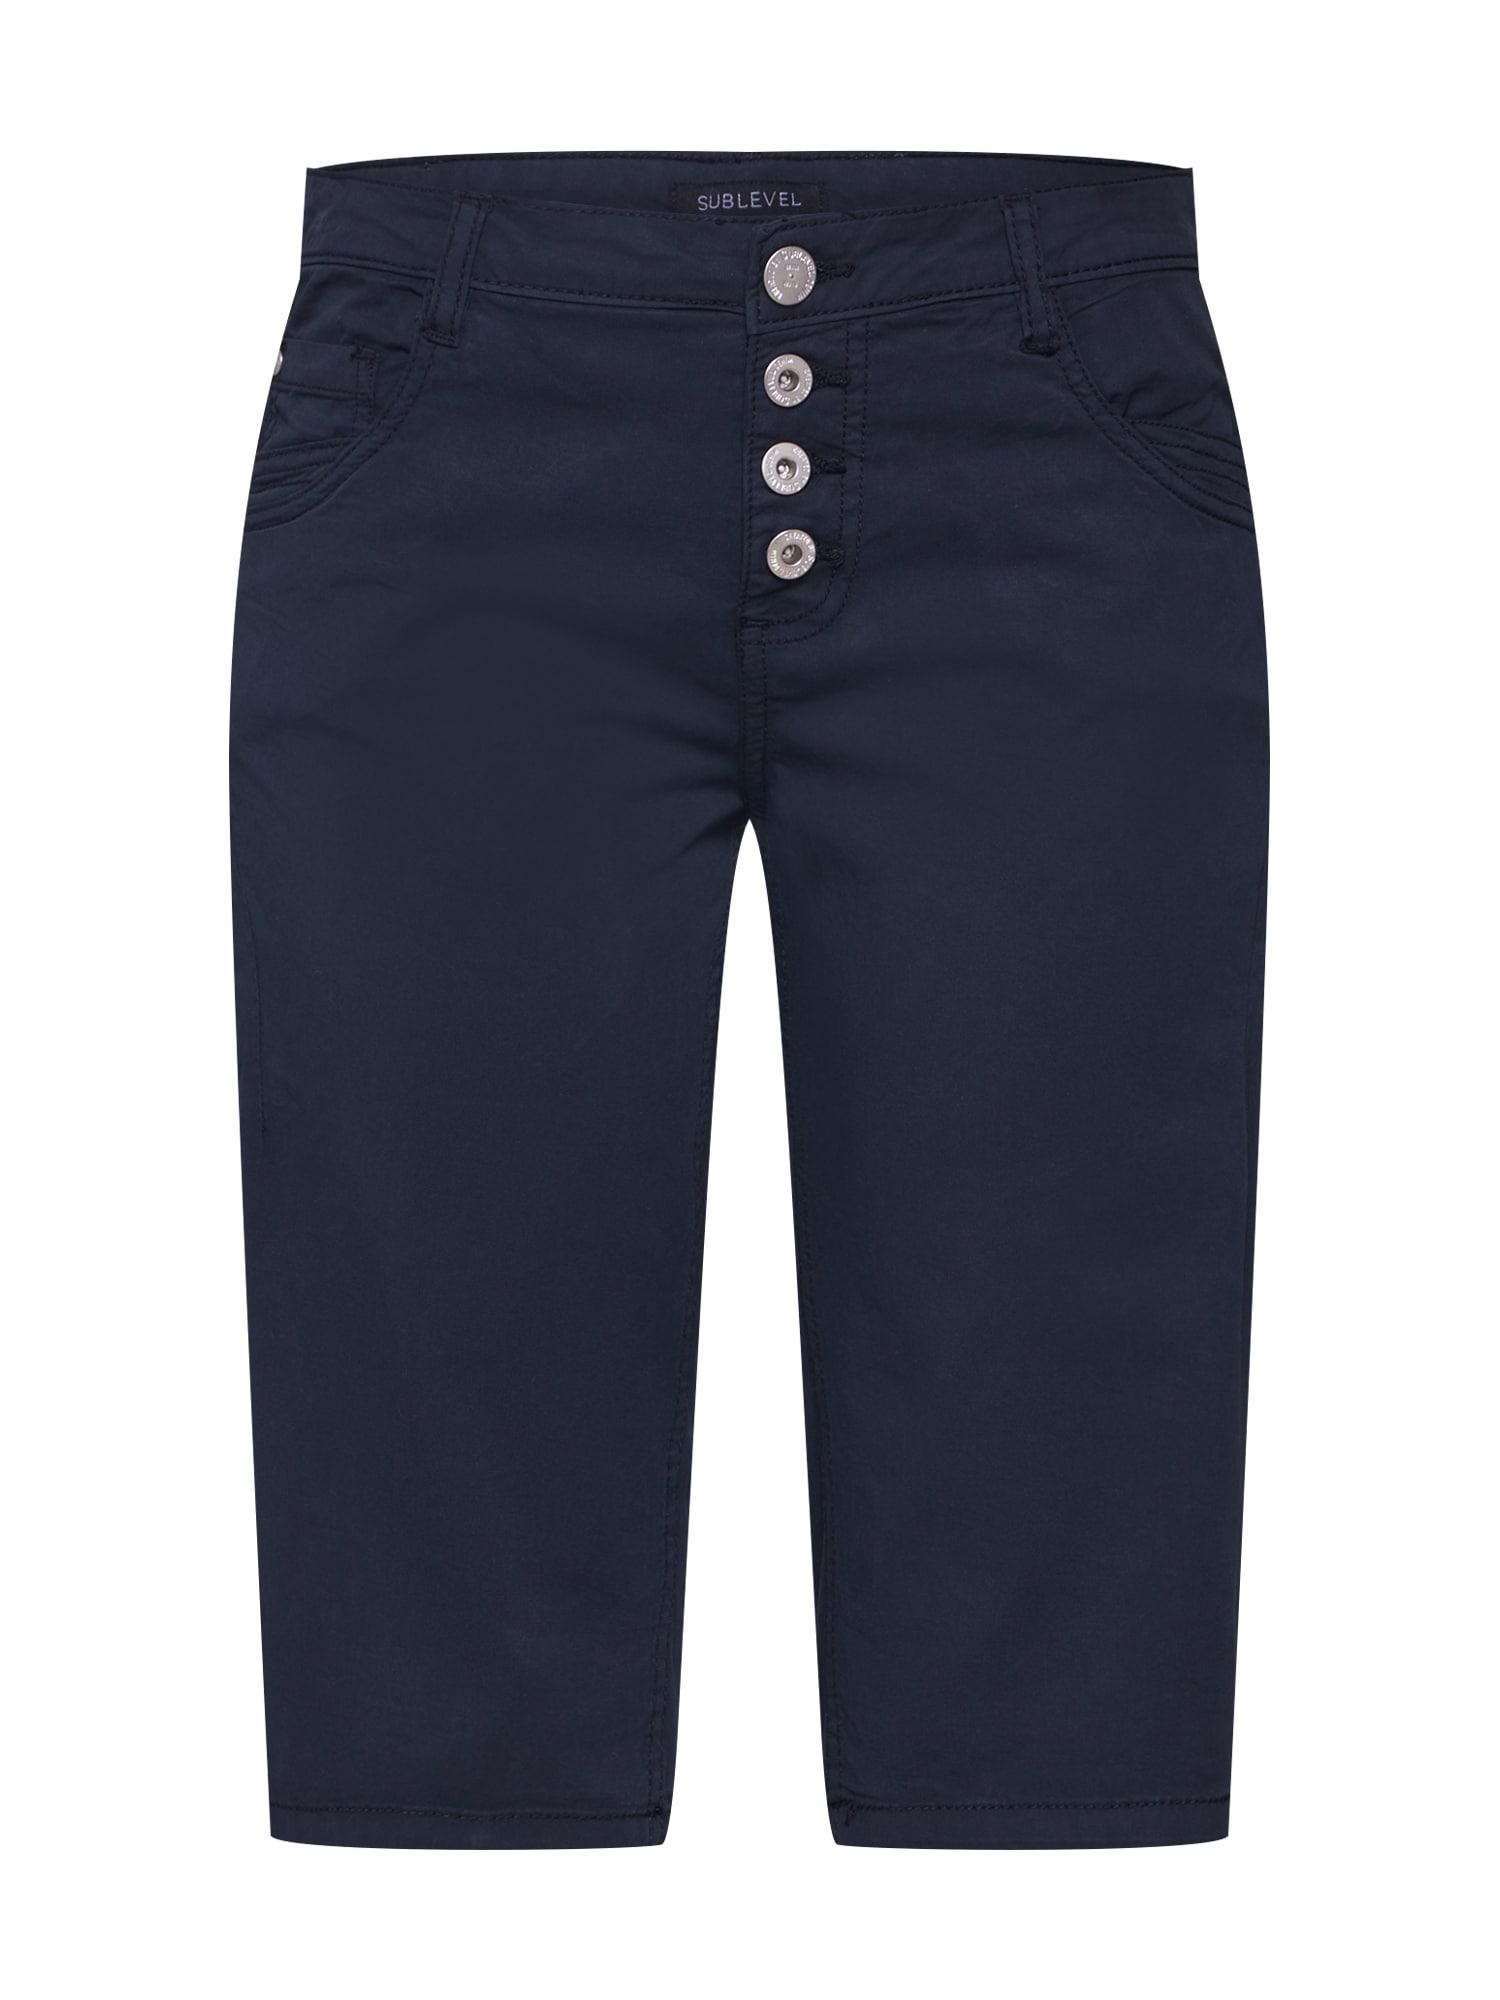 Sublevel, Damen Jeans 'DOB Bermuda Aufschlag', grijs